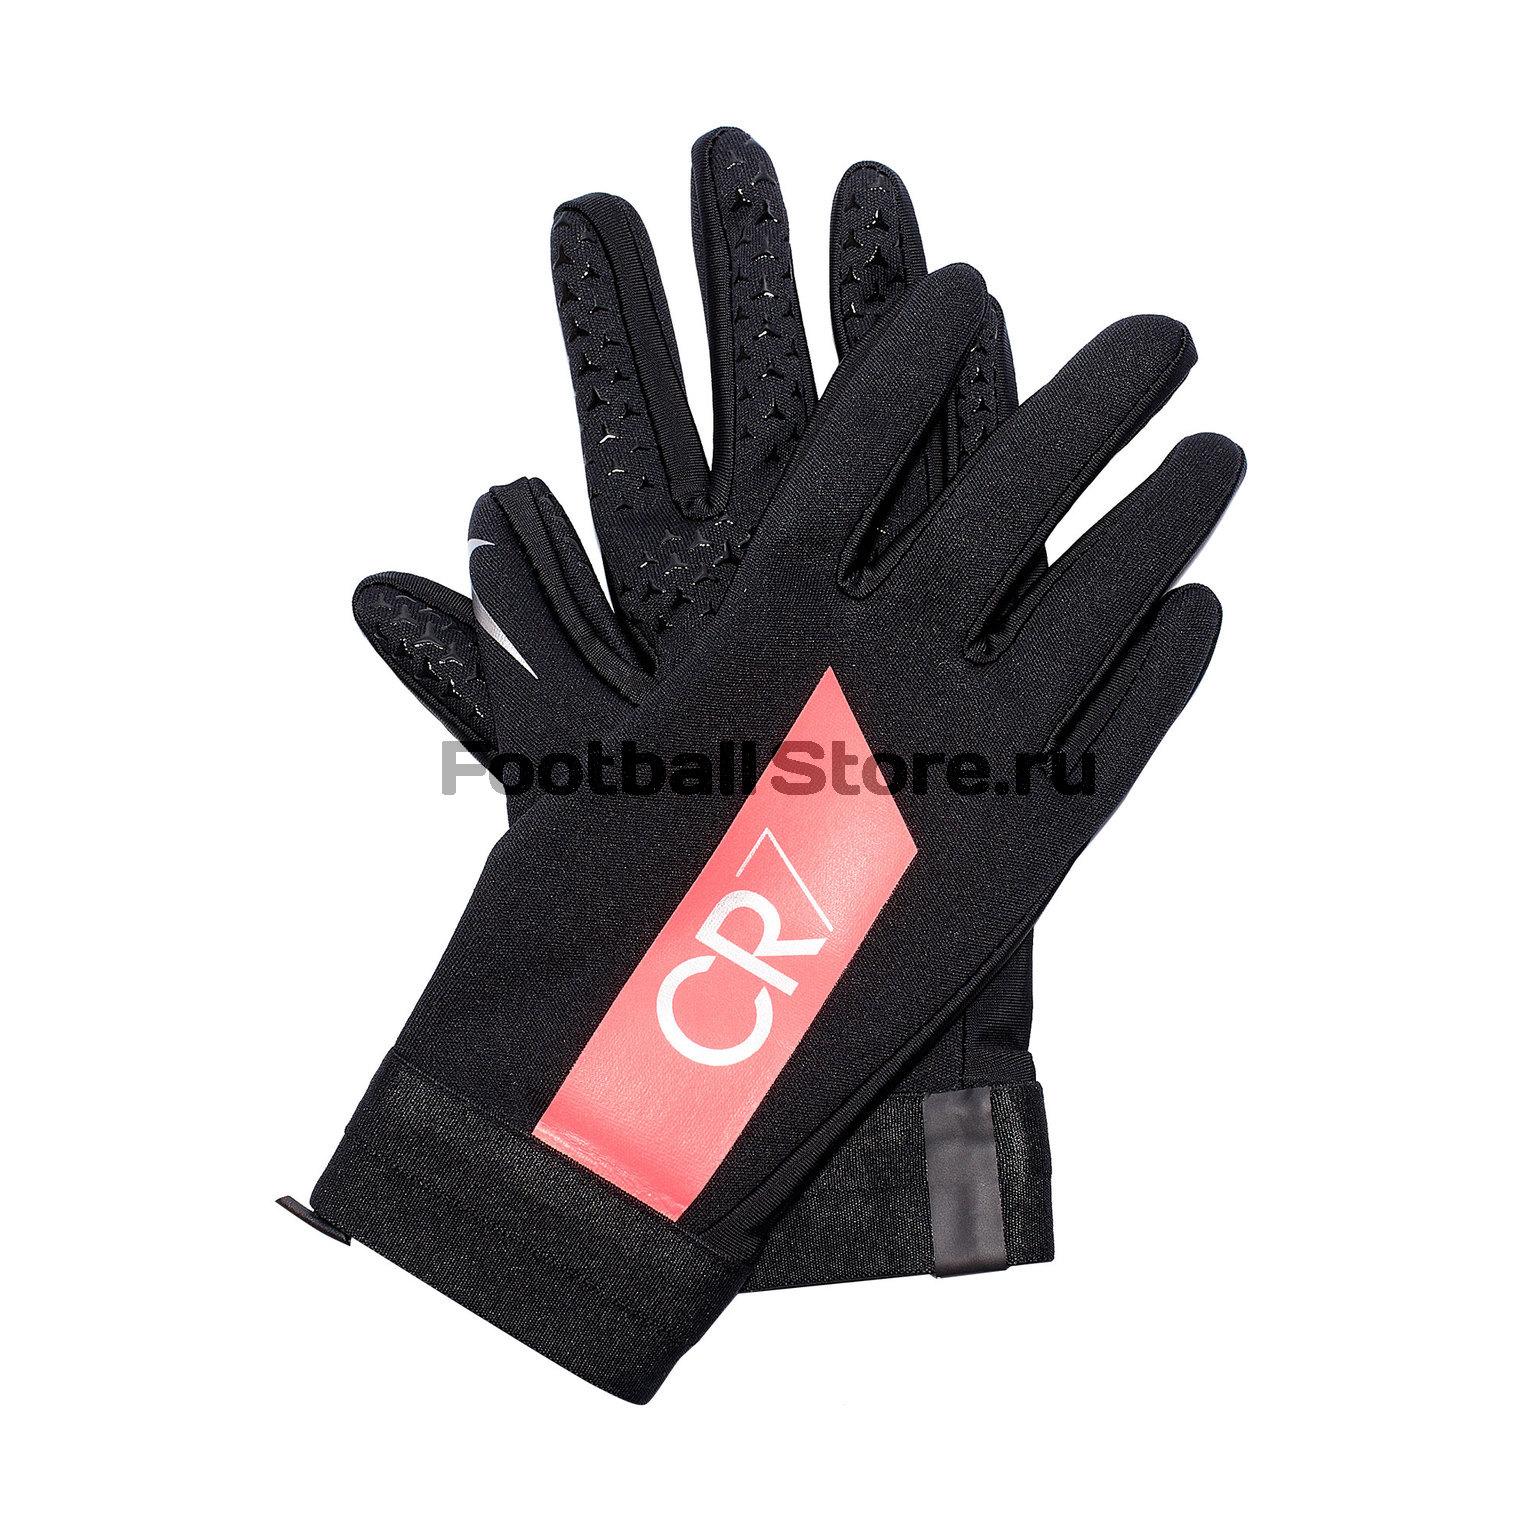 Перчатки детские Nike CR7 Hyperwarm GS0461-010 тайтсы детские nike pro cool tight 743730 010 черные